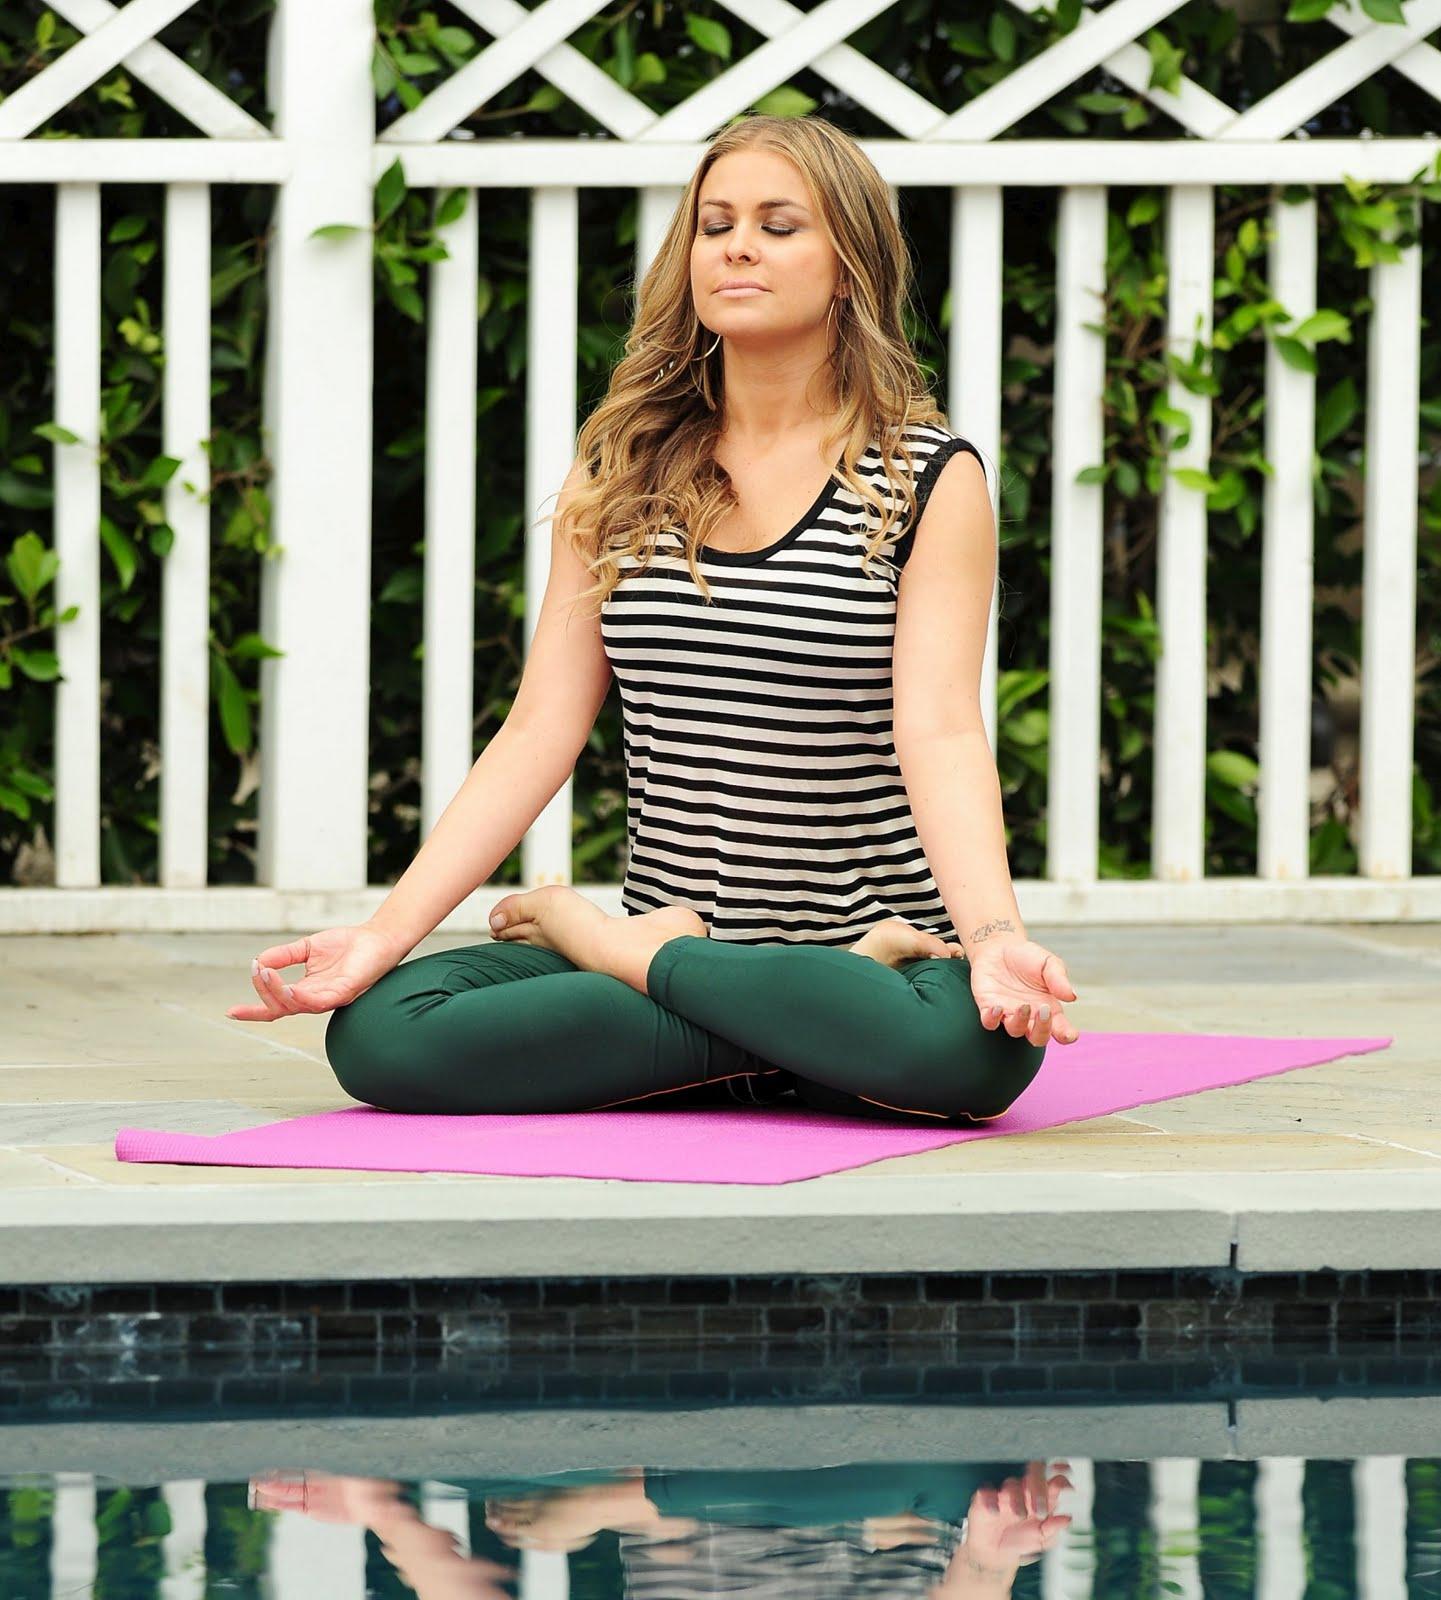 http://3.bp.blogspot.com/-5lTe-ECuOO4/TW9UWNq97sI/AAAAAAAARF8/aoOK3xrngo0/s1600/Carmen-Electra-Yoga-7.jpg